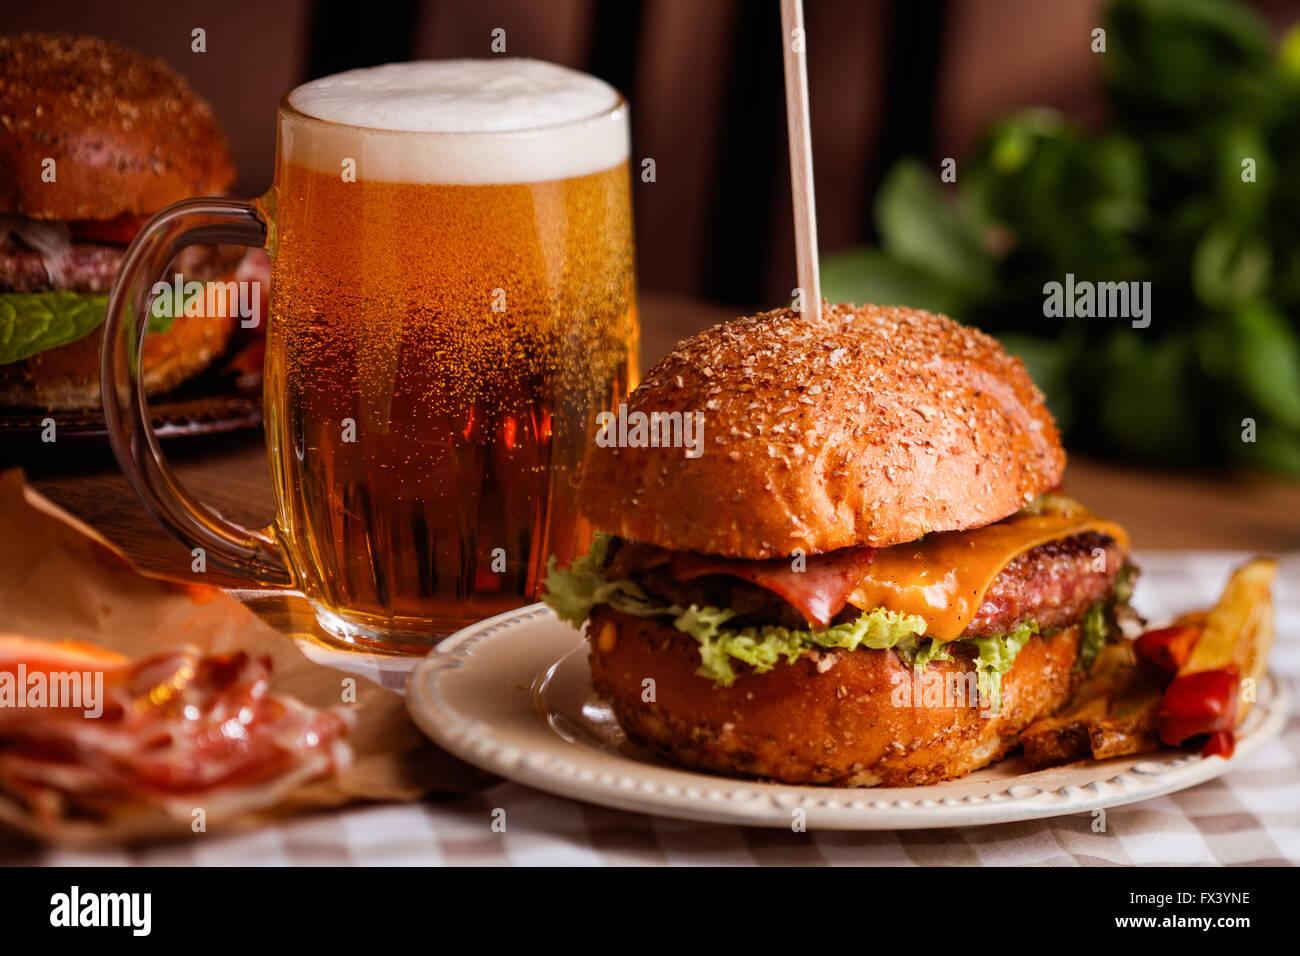 Dîner avec bière et burger Photo Stock